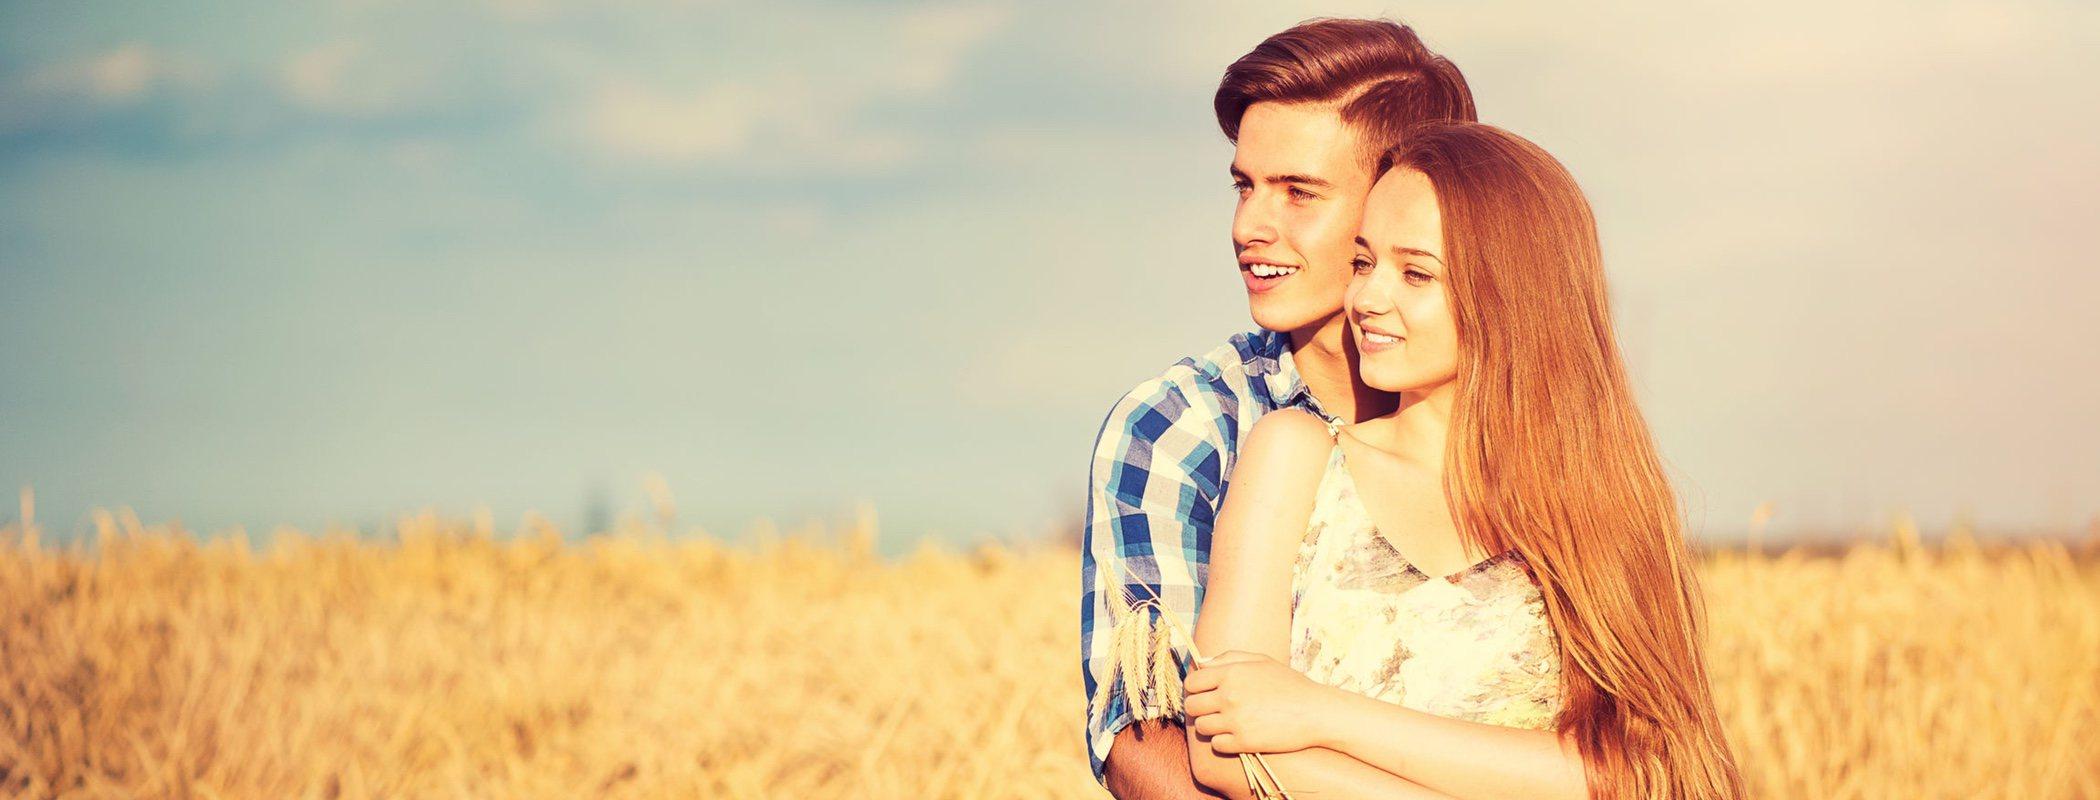 Claves para ser feliz con tu pareja